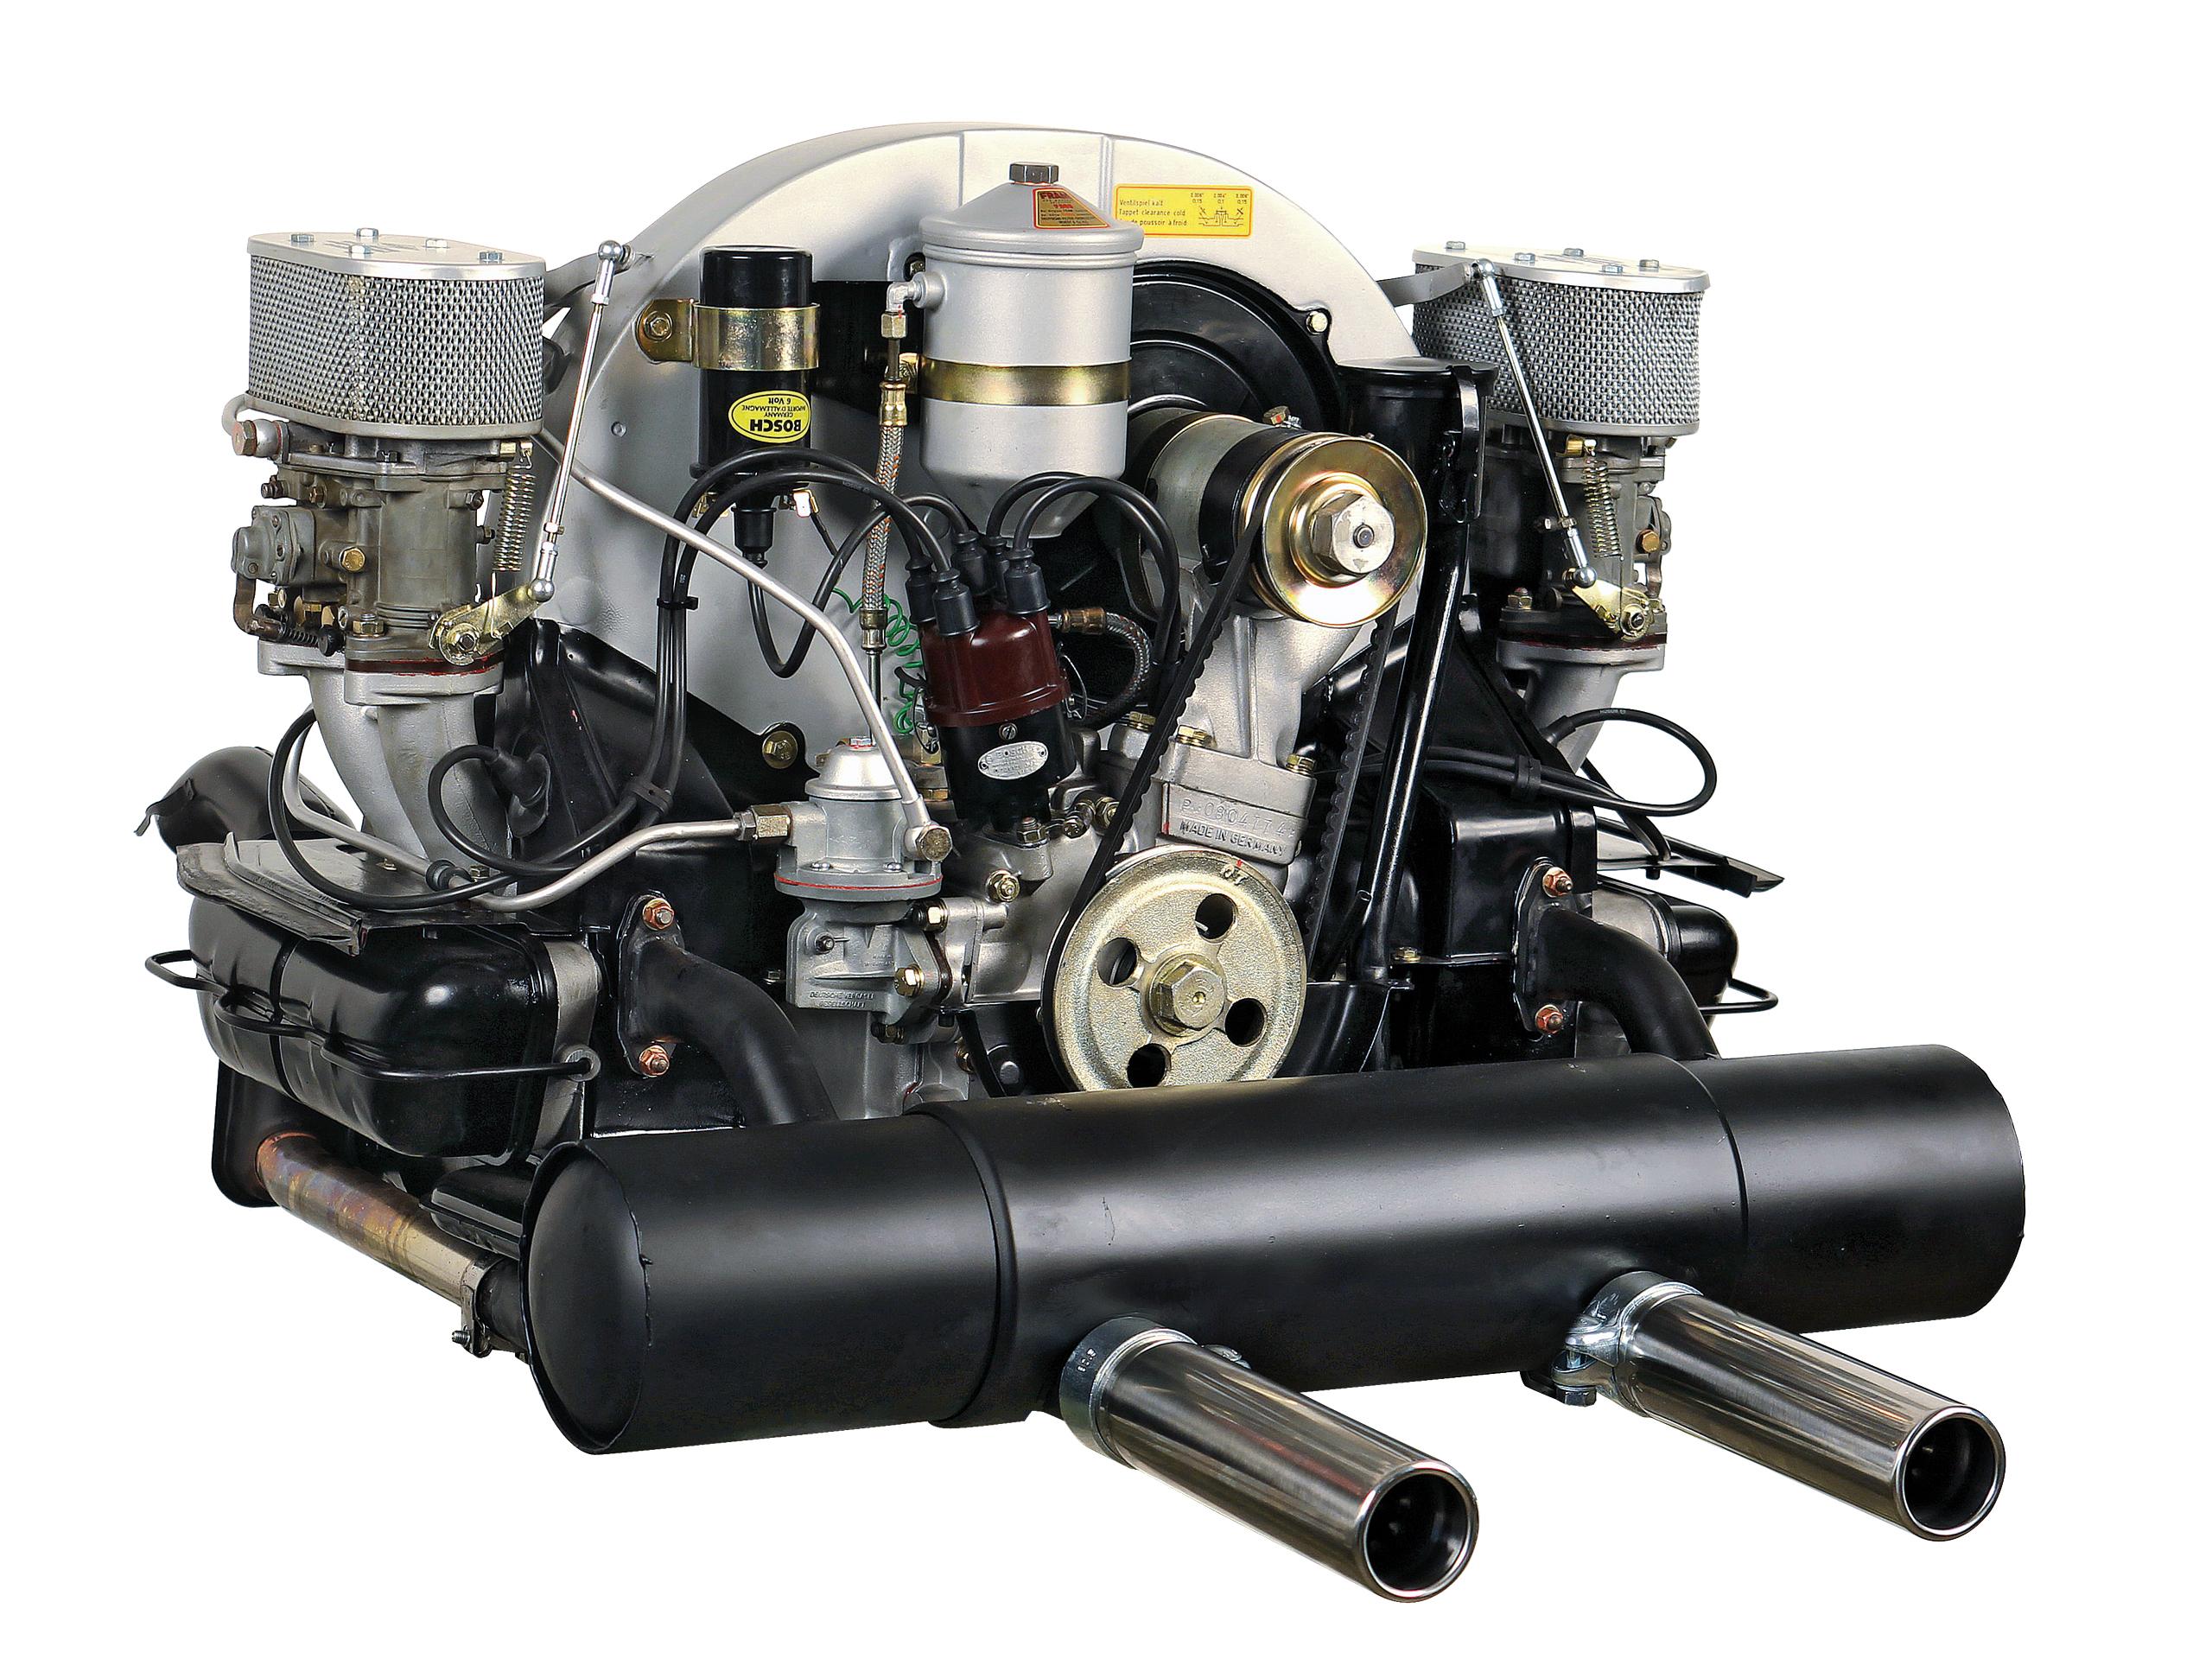 Porsche 356 B Super 90 Der Vierzylinder Boxer Motor